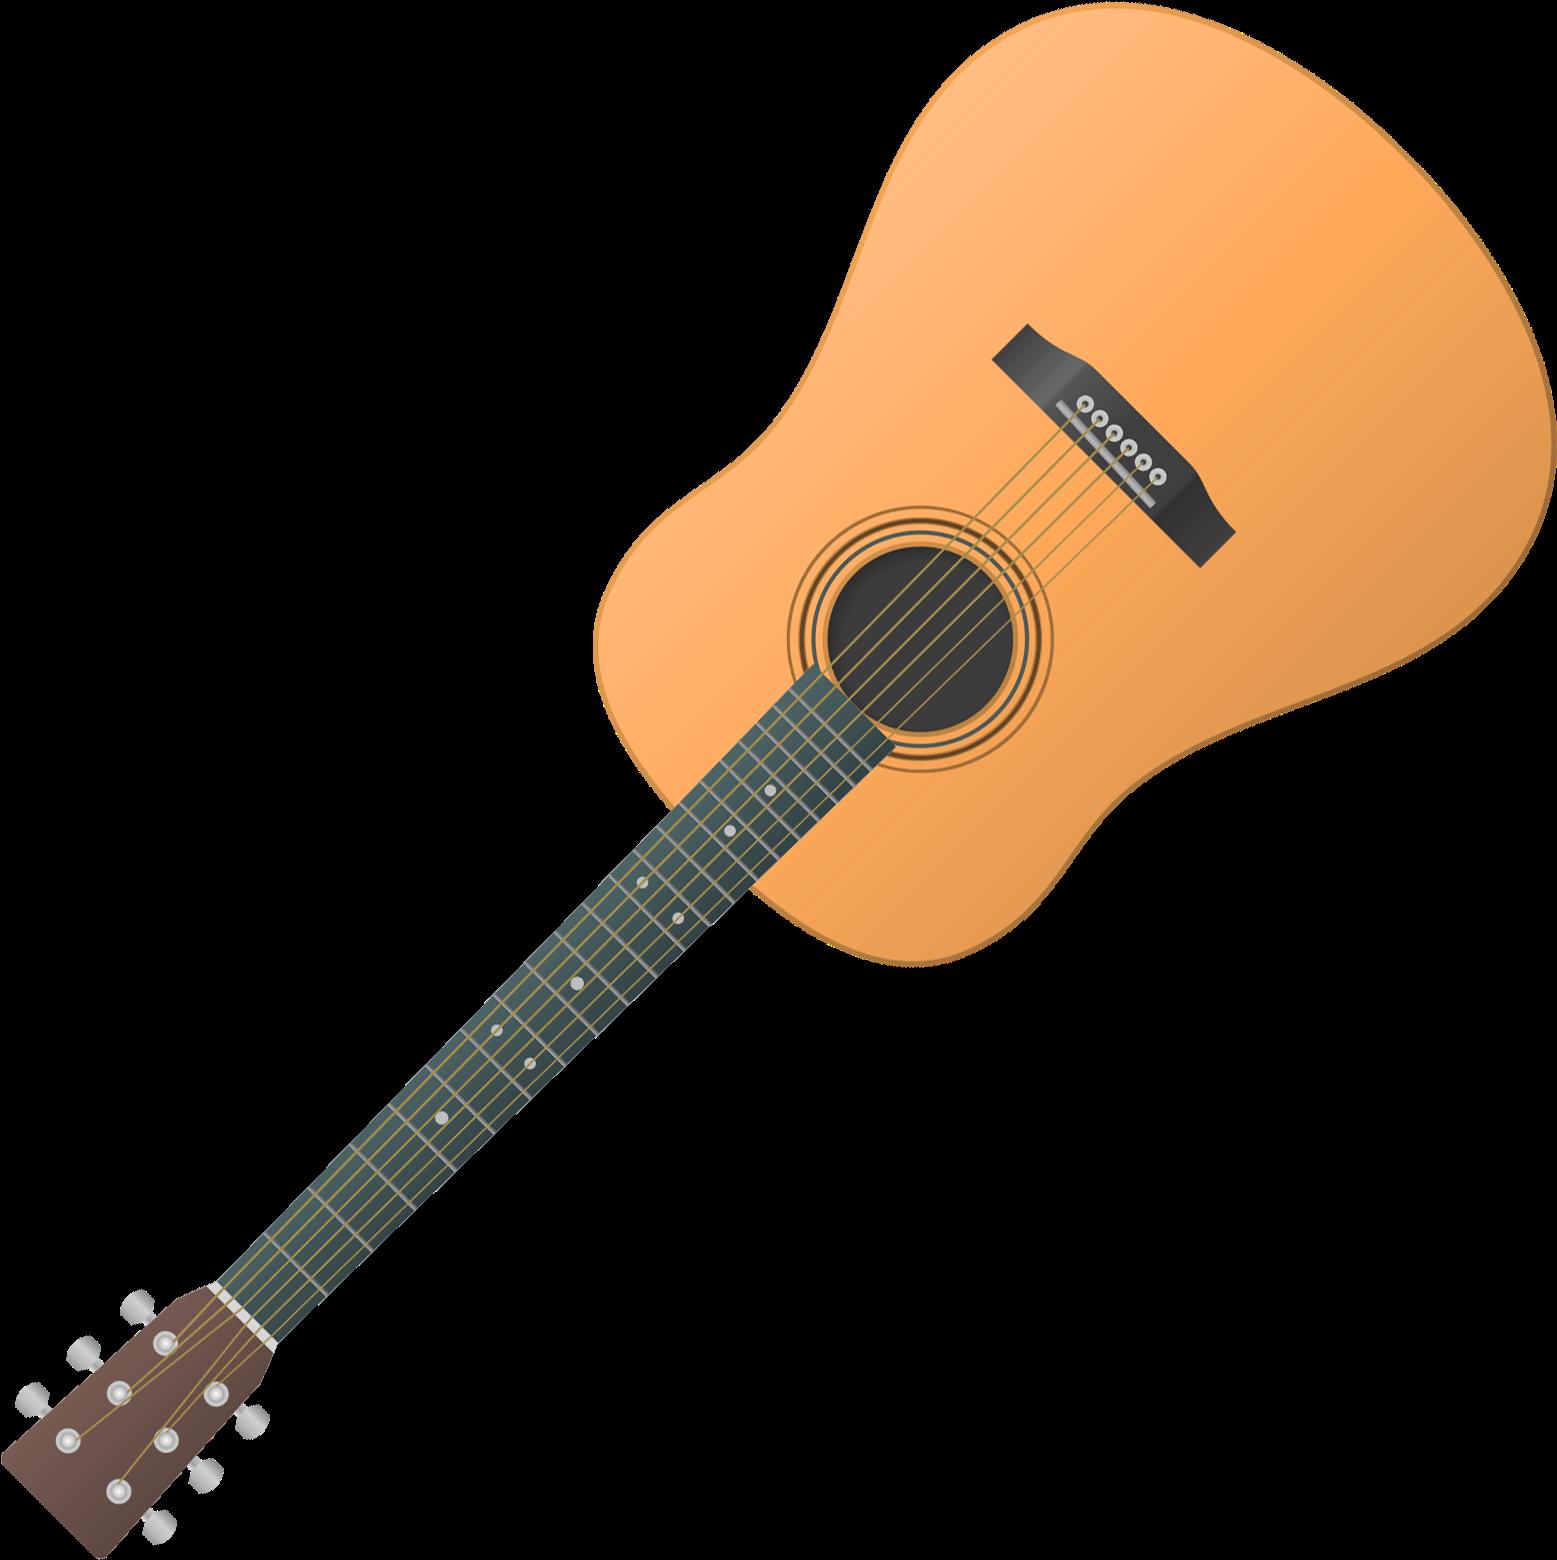 сожалению, фото картинка гитары на прозрачном фоне пятом шестом